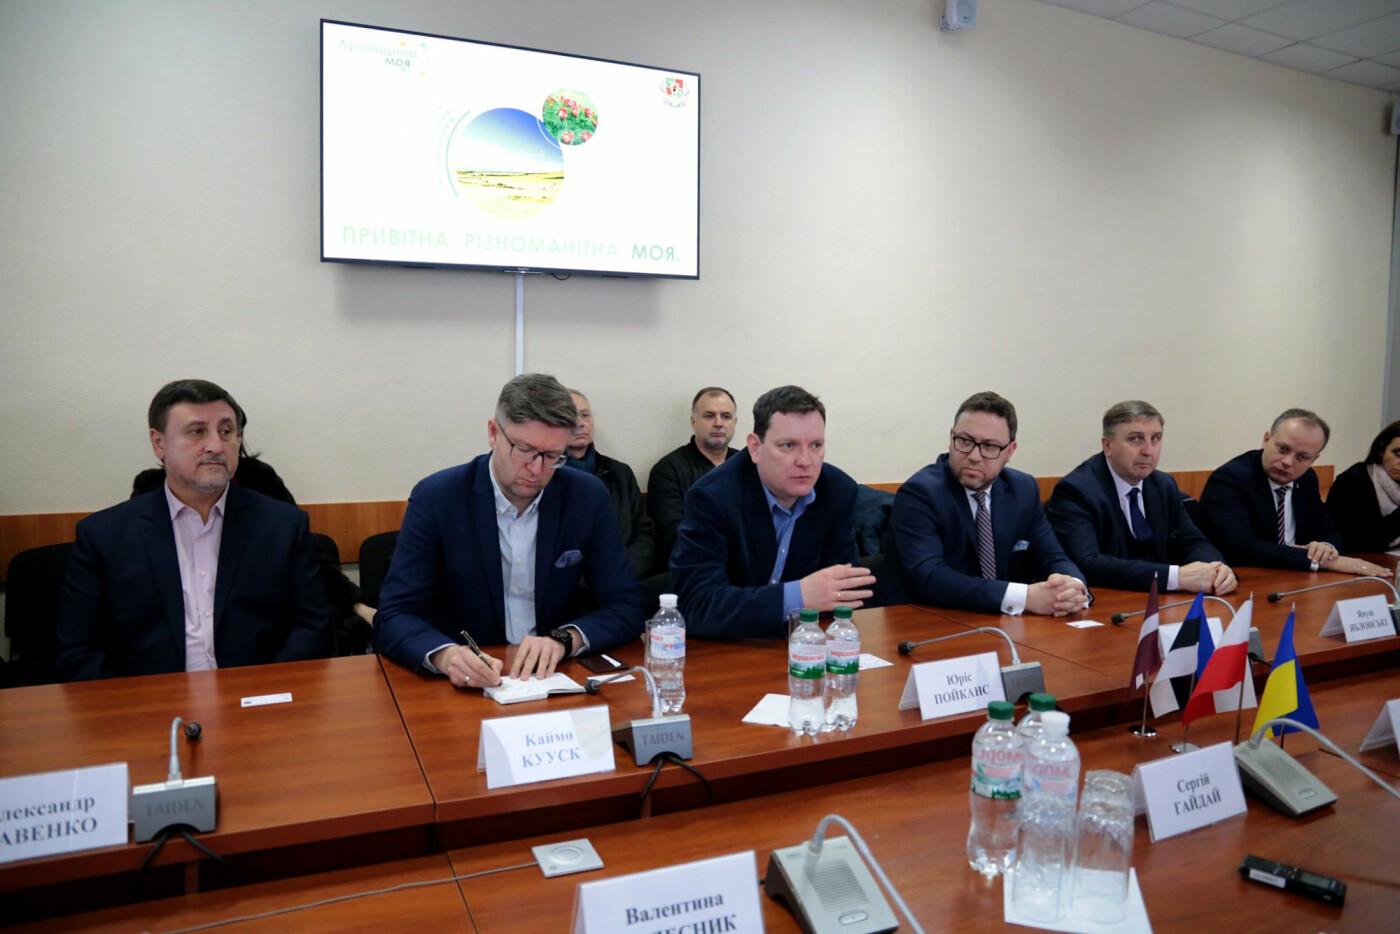 Глава ОГА обсудил перспективы Луганщины с послами стран ЕС, фото-1